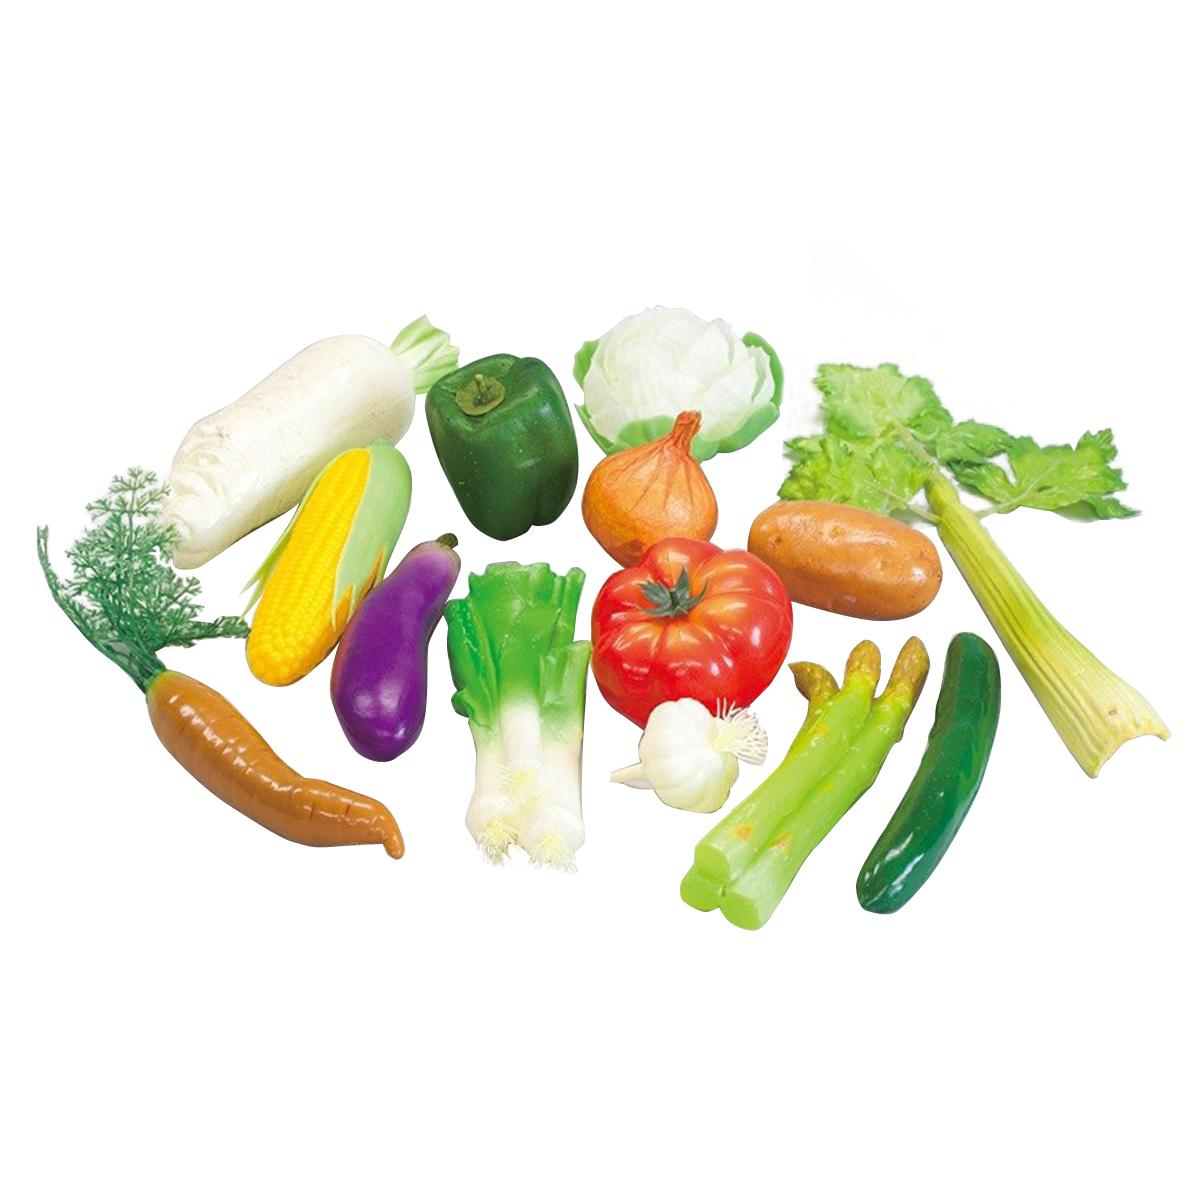 野菜モデル 14種セット 【 デッサン スケッチ 絵画 モデル 果物 野菜 】